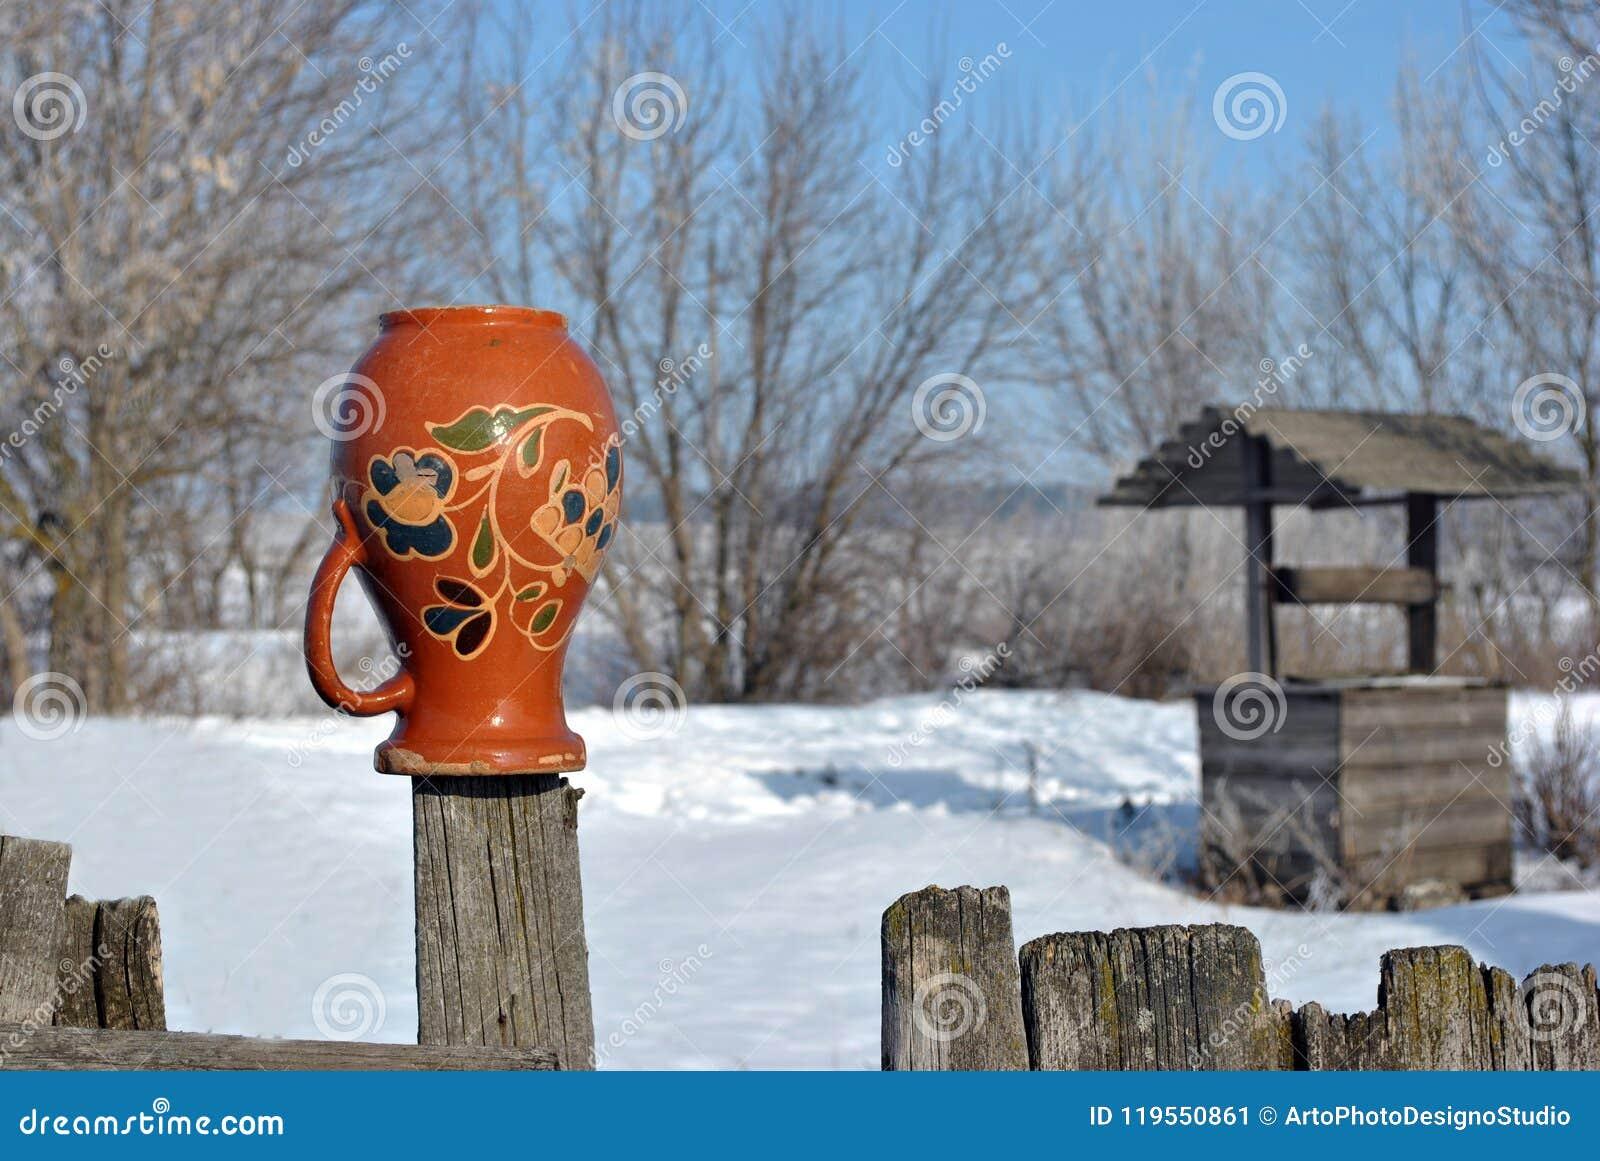 Παραδοσιακό ουκρανικό αγροτικό τοπίο με έναν ξύλινο καλά και φράκτης με την ένωση της στάμνας σε το με τη λαϊκή ζωγραφική Petryki